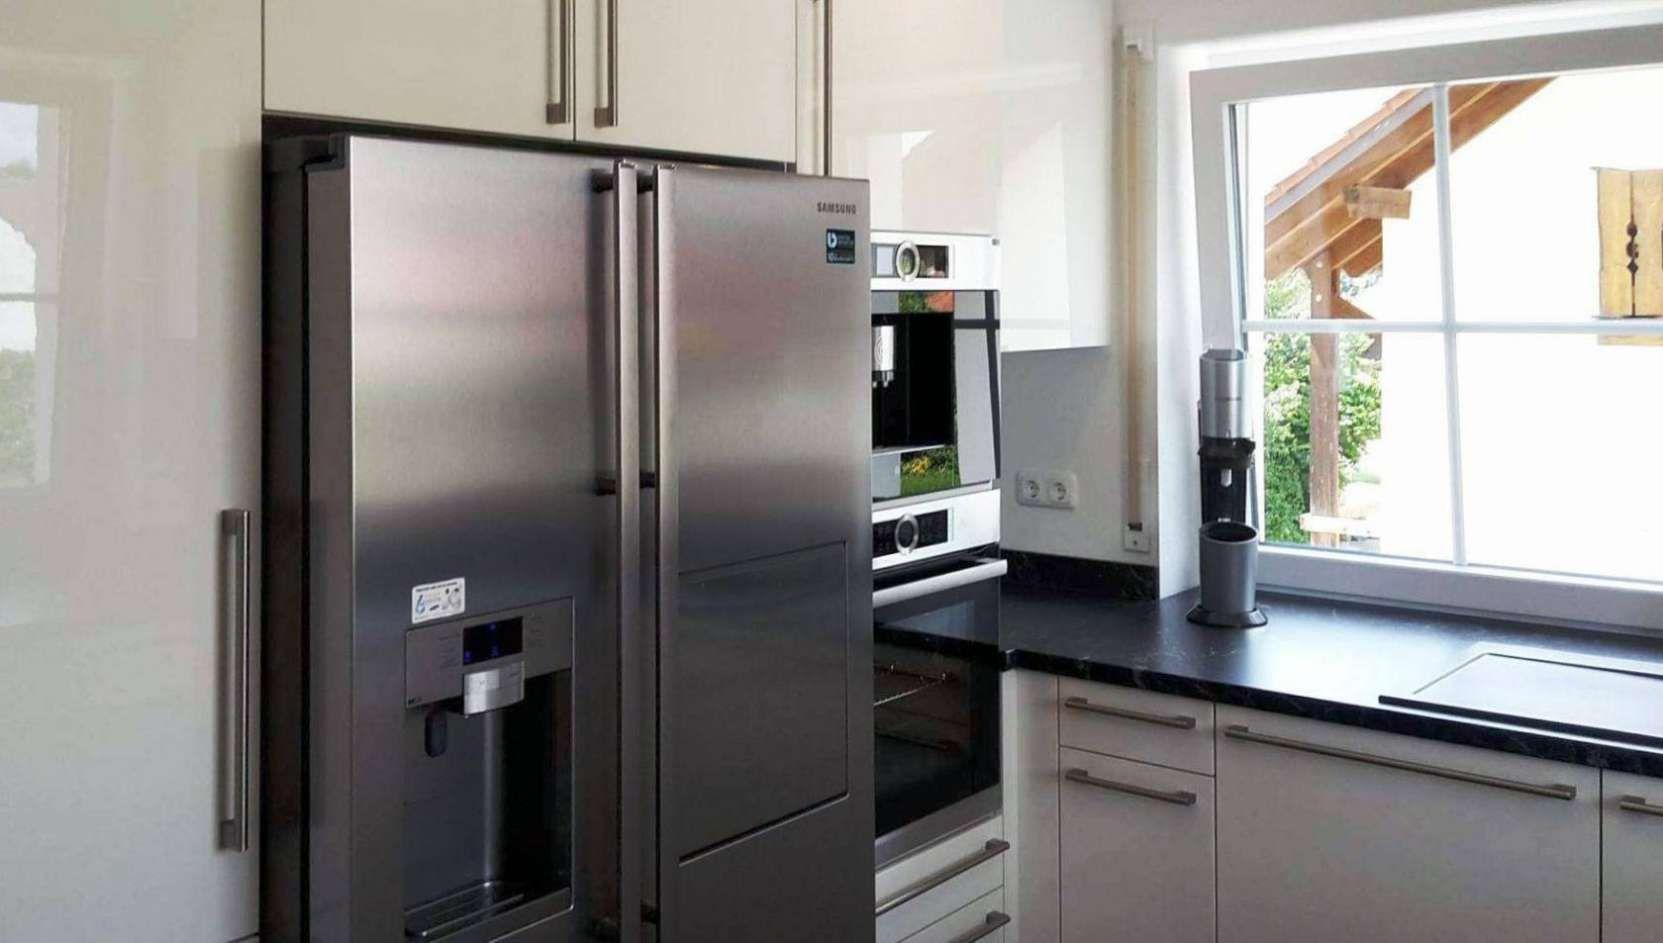 Offene Küche Mit Side By Side Kühlschrank  Einbauküche Moderne